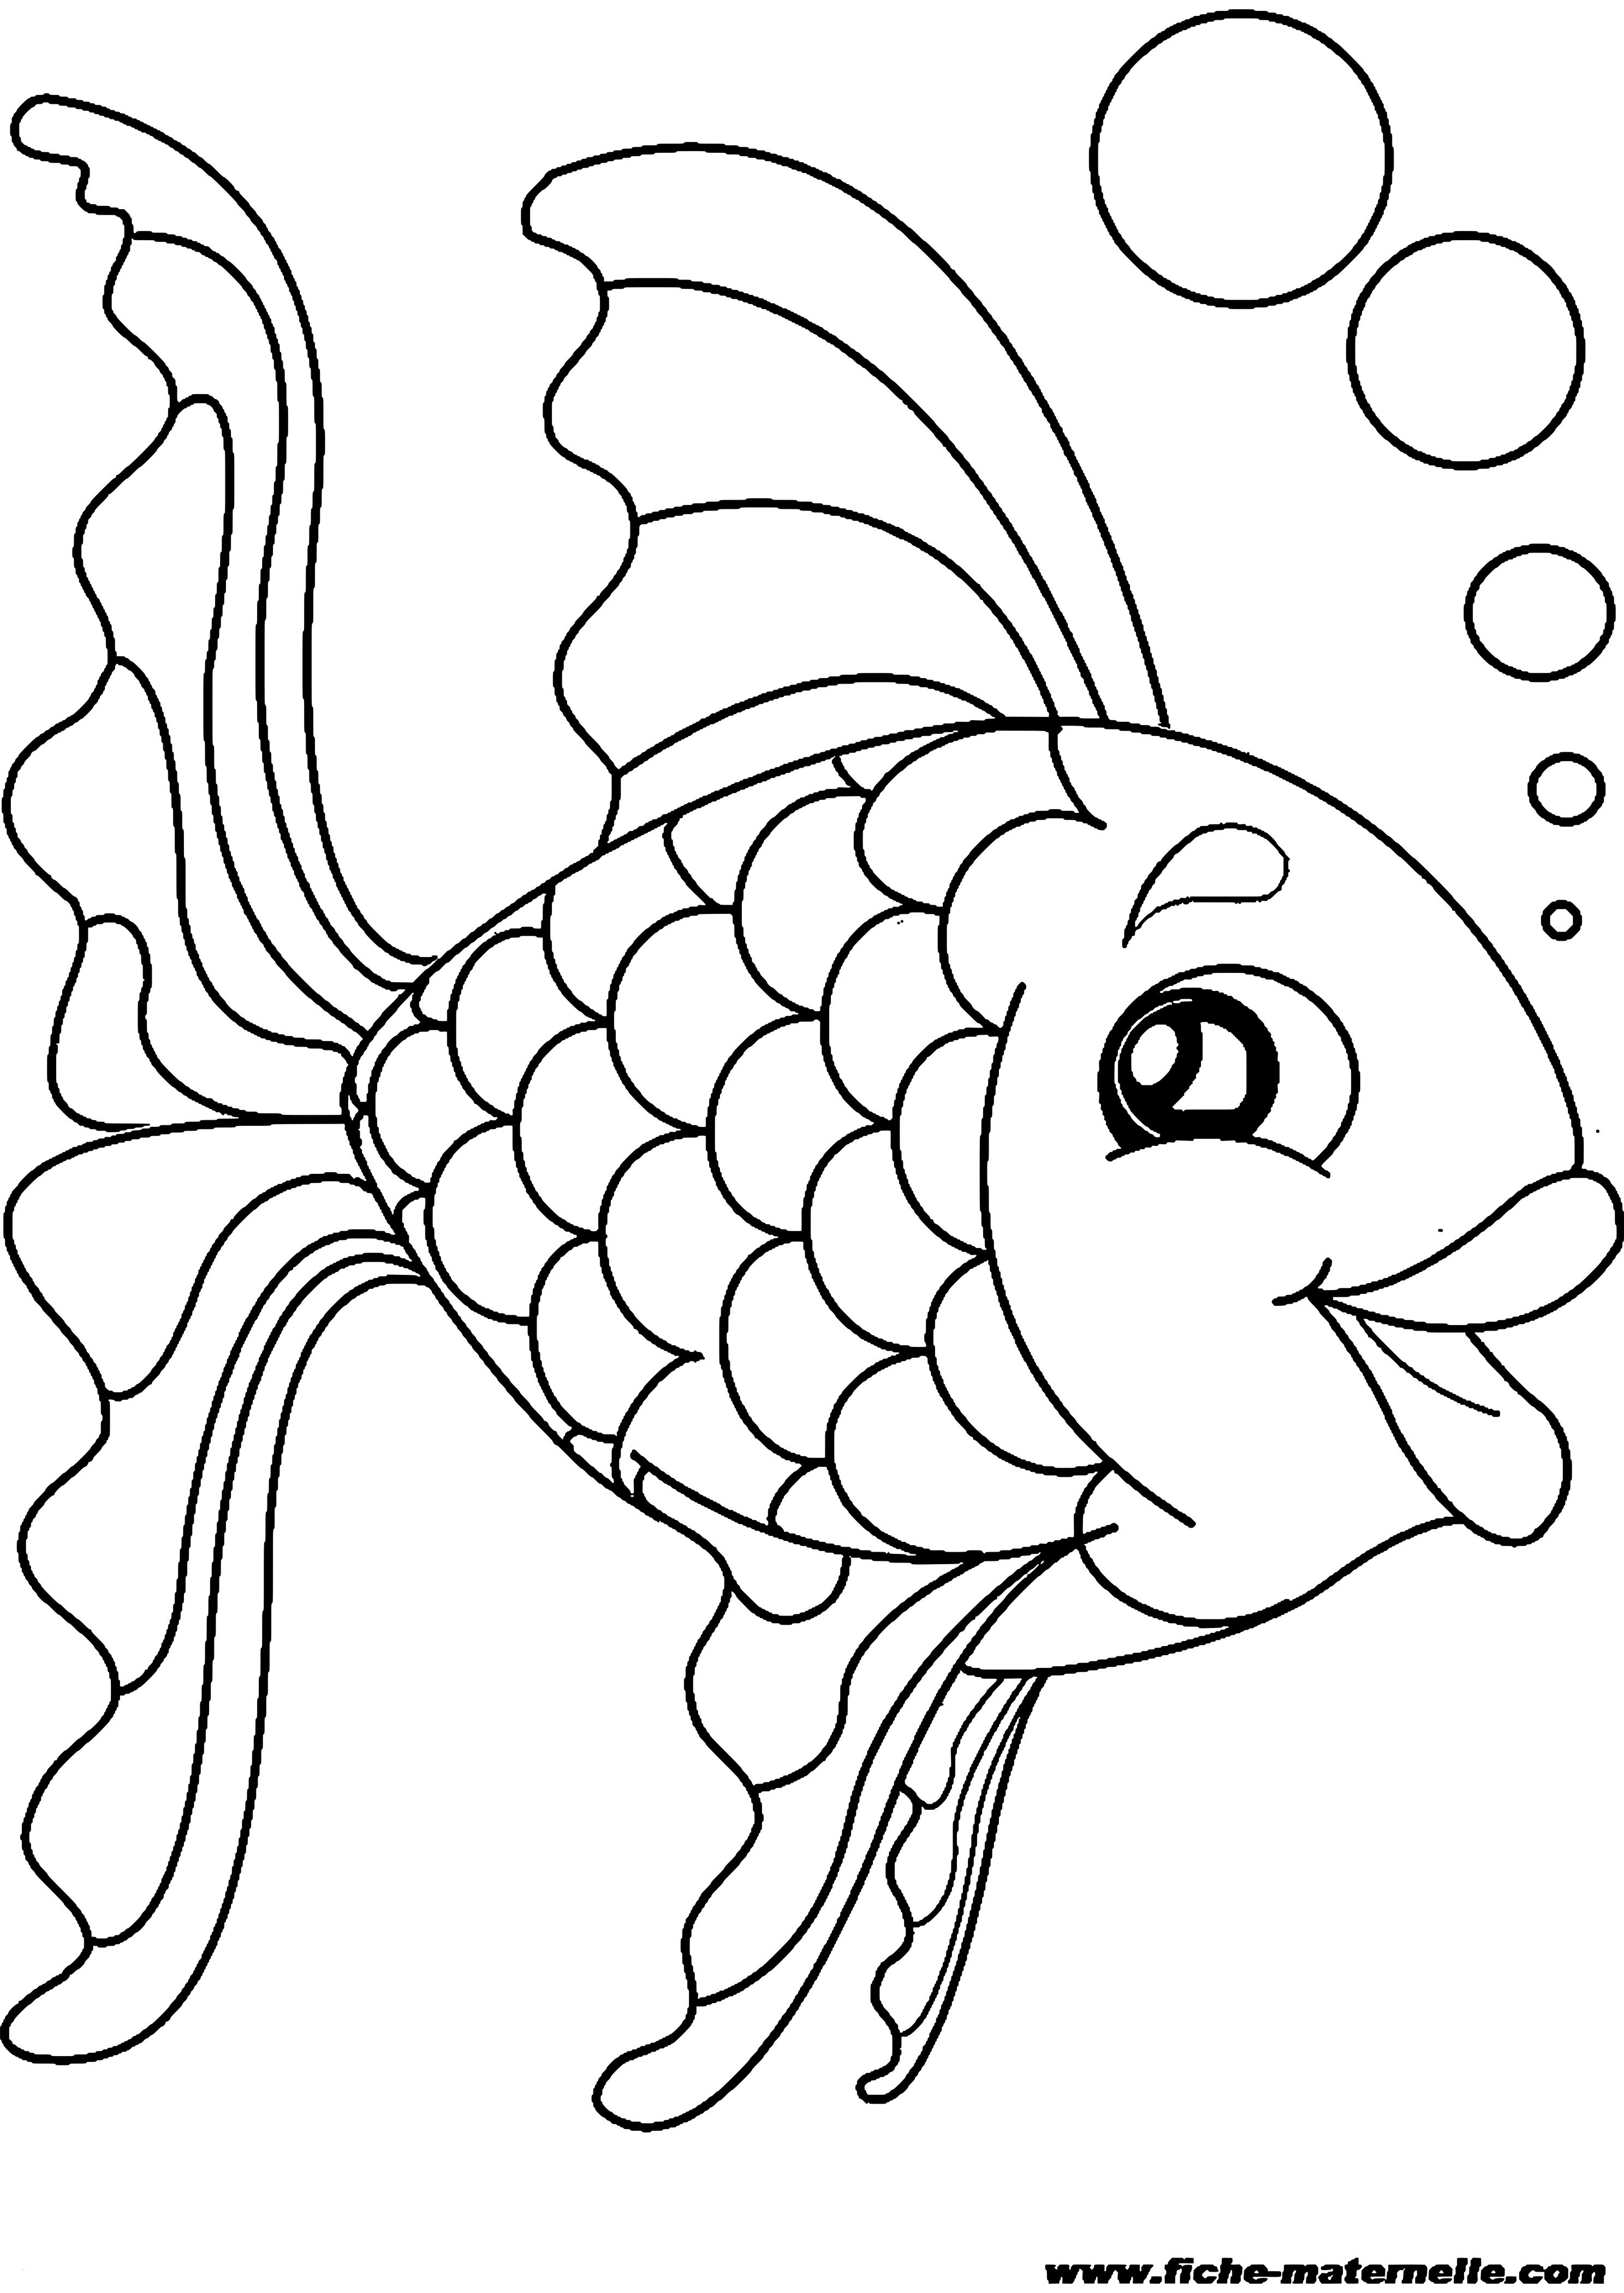 ausmalbilder fische ausdrucken - kostenlose malvorlagen ideen